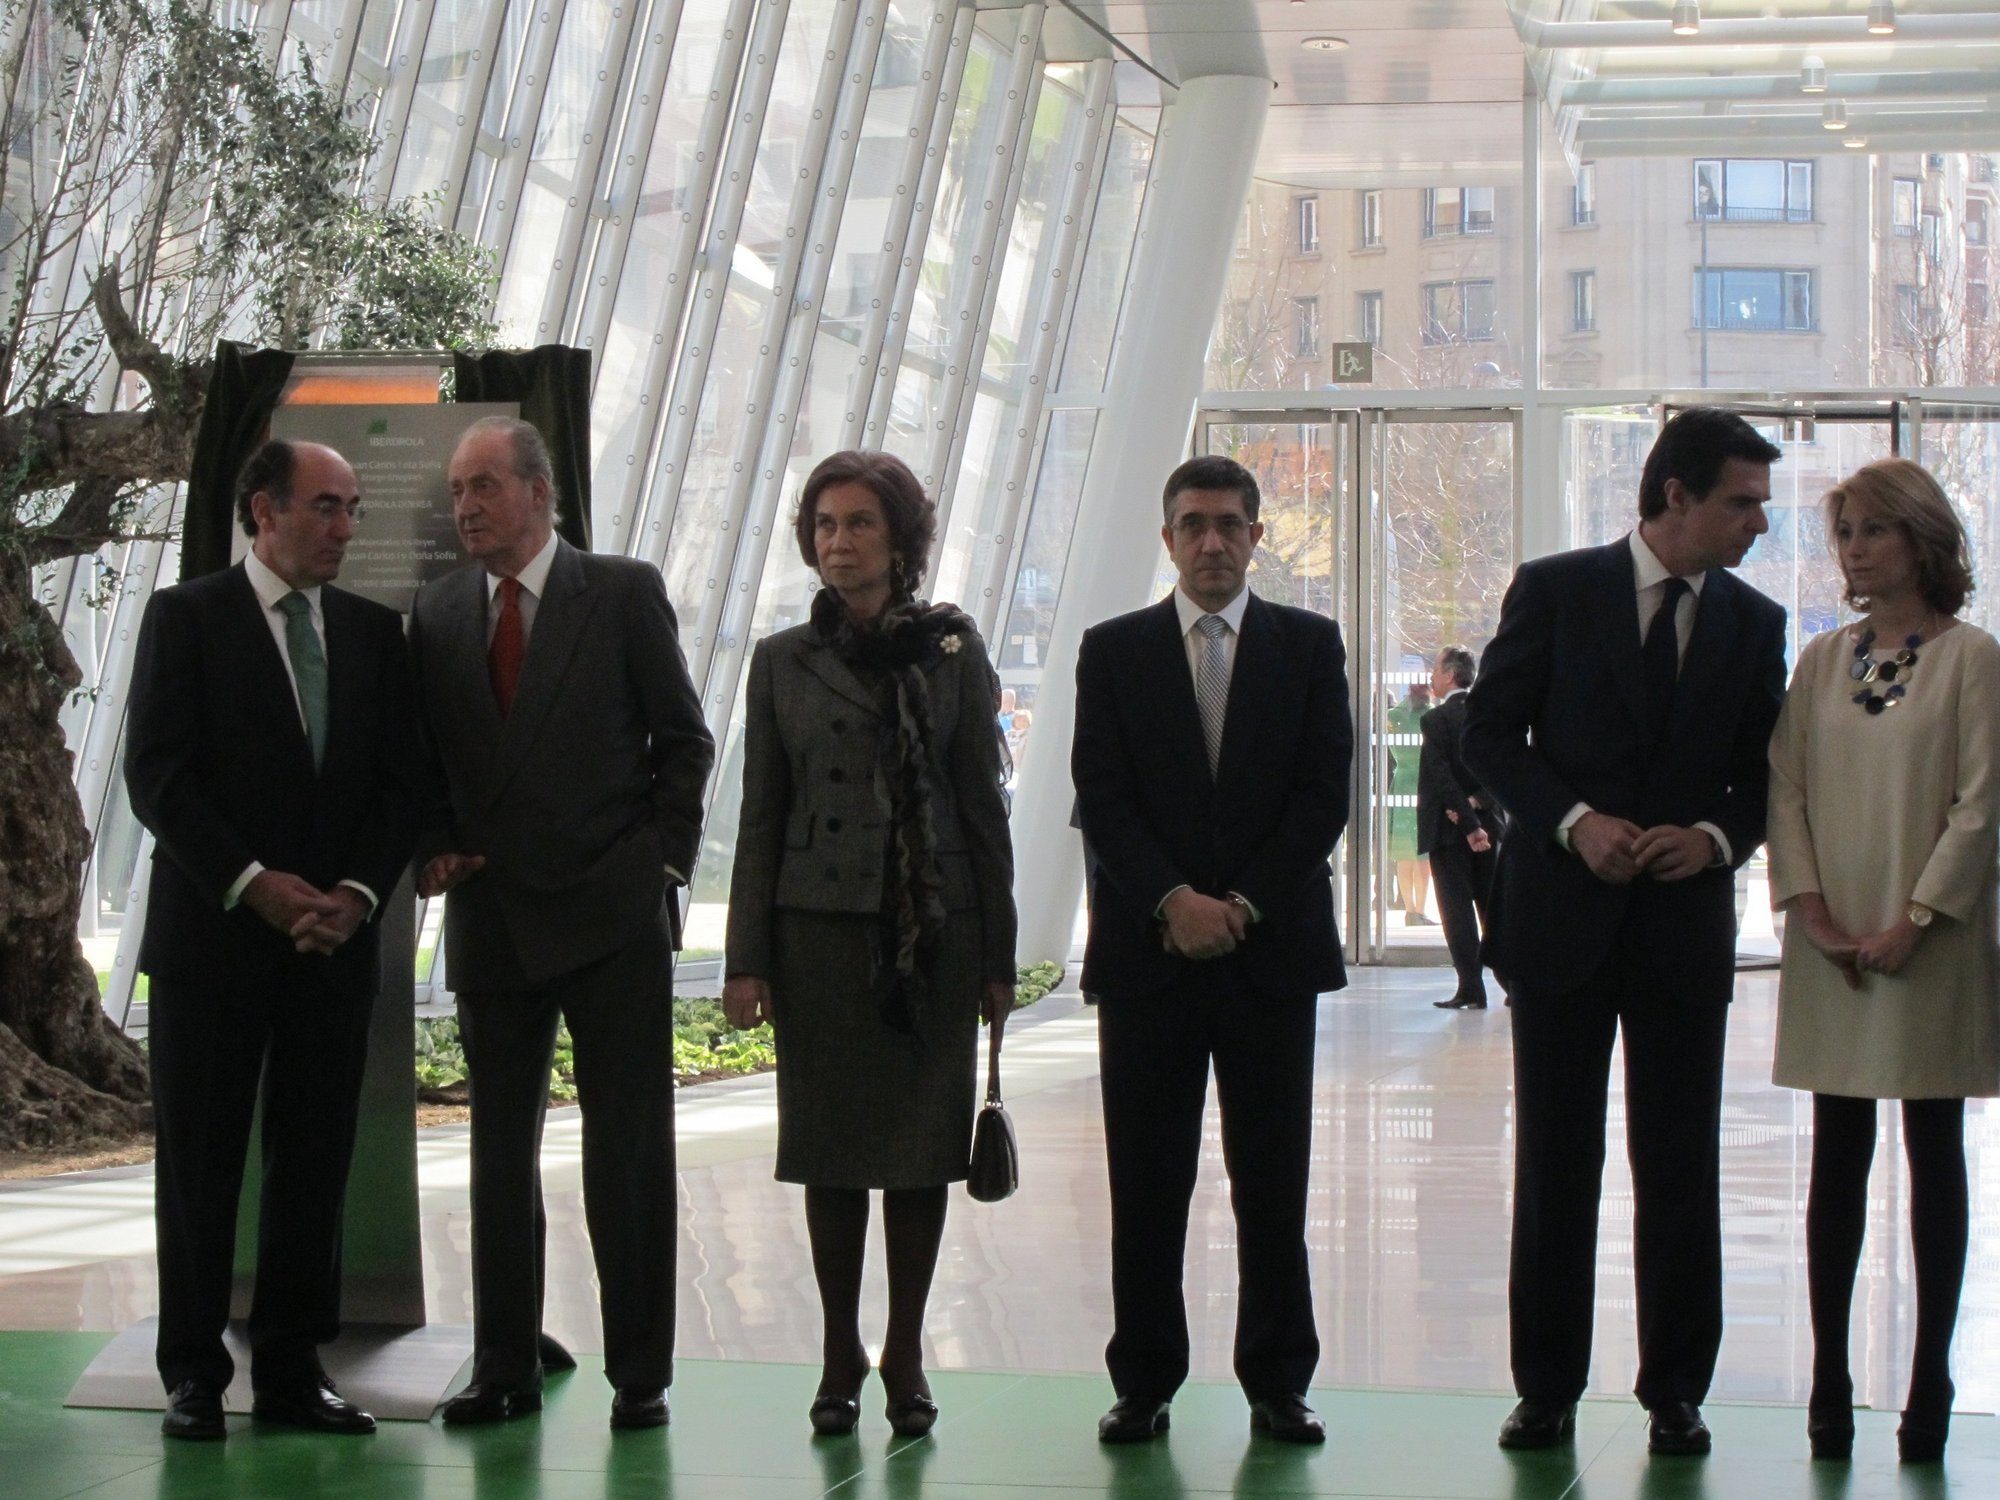 Los Reyes inauguran la Torre Iberdrola en Bilbao, nueva sede social la compañía, ante más de 400 invitados